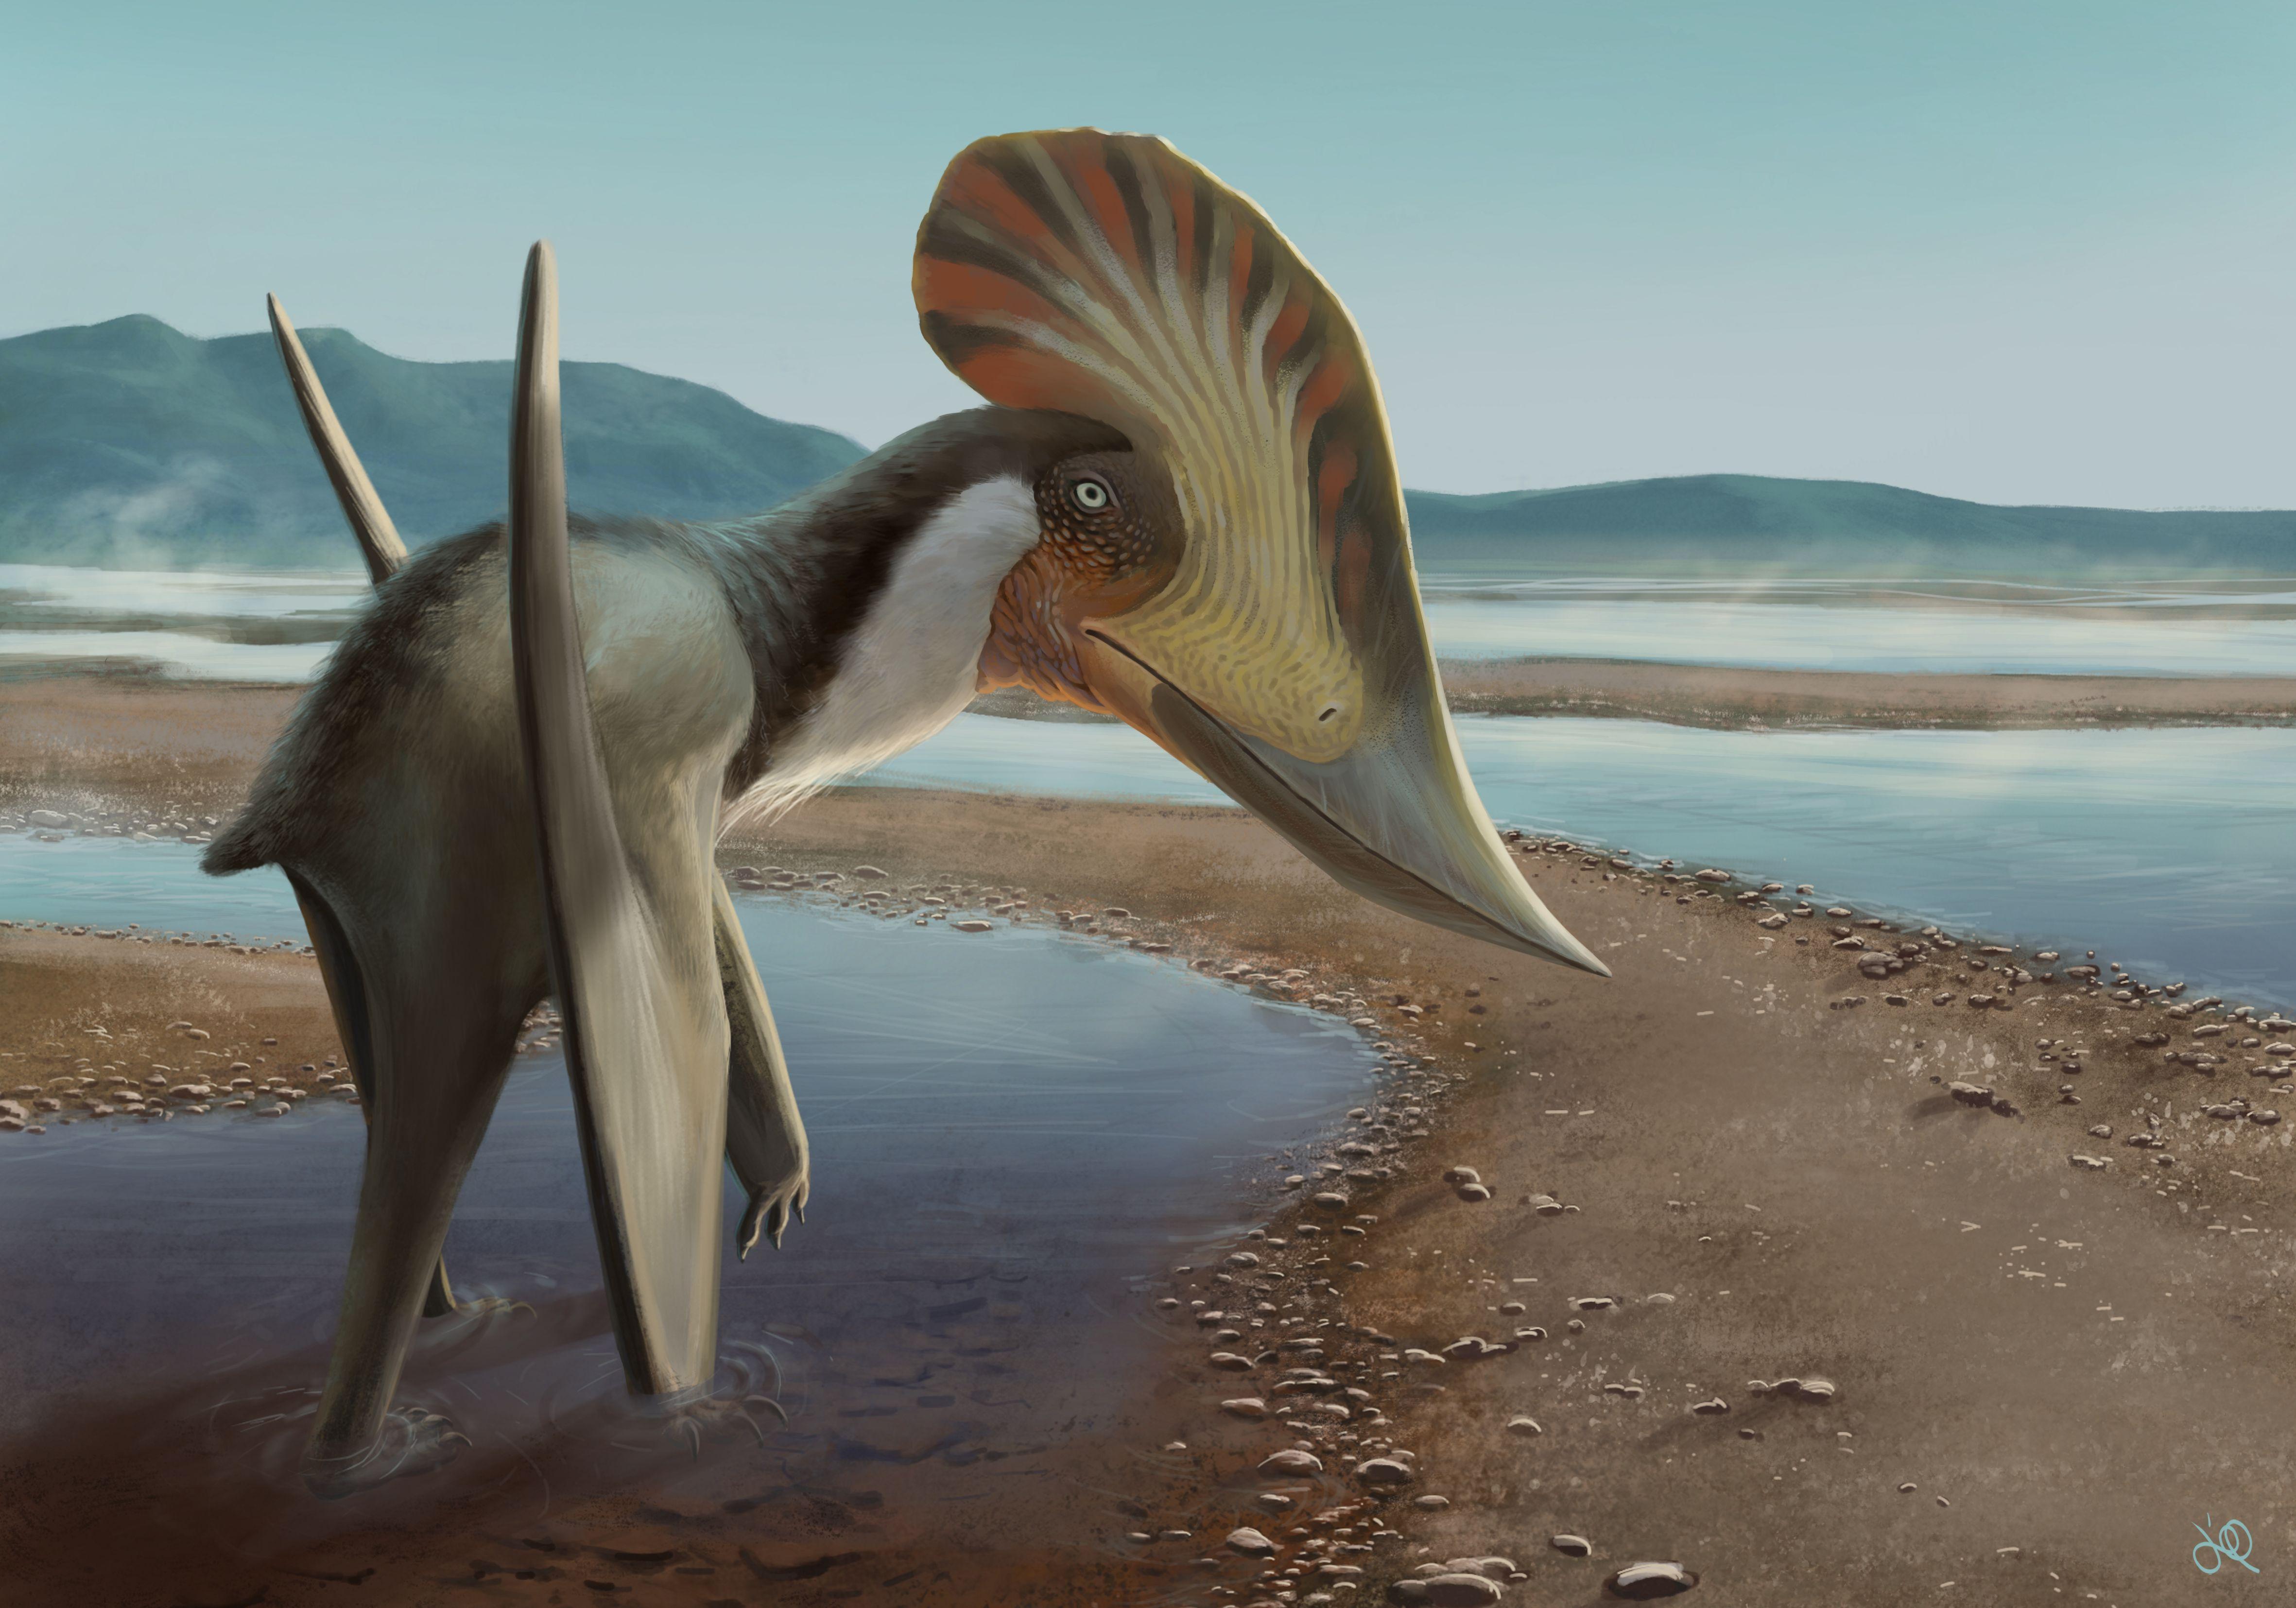 ilustração representa o kariridraco, animal alado pousado em uma praia